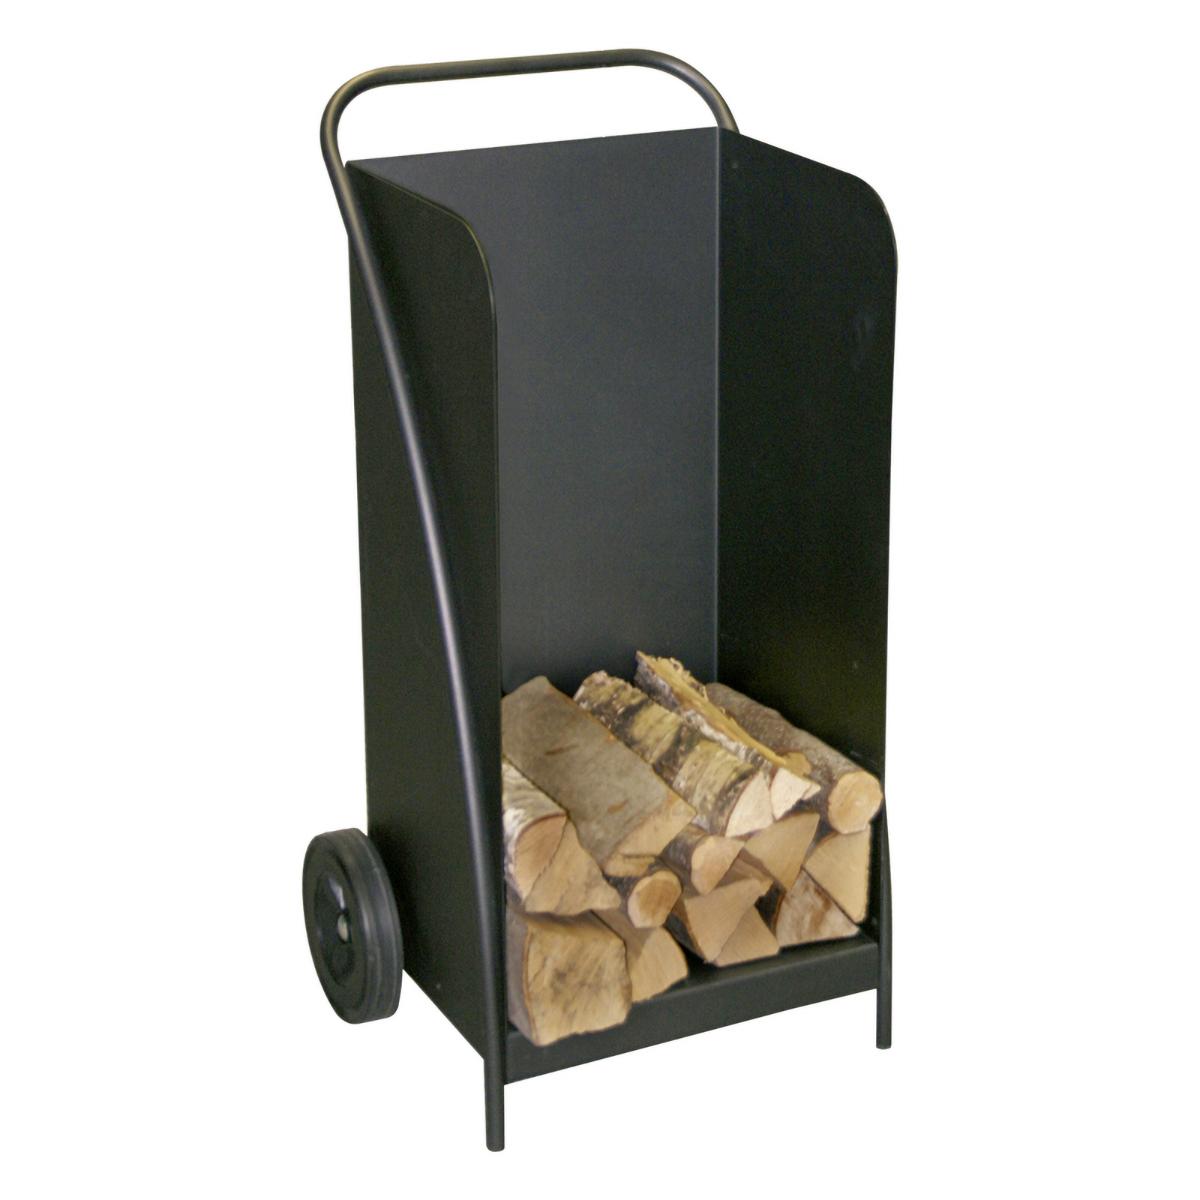 Heibi Fahrbarer Holzwagen Glimmer 52285-028